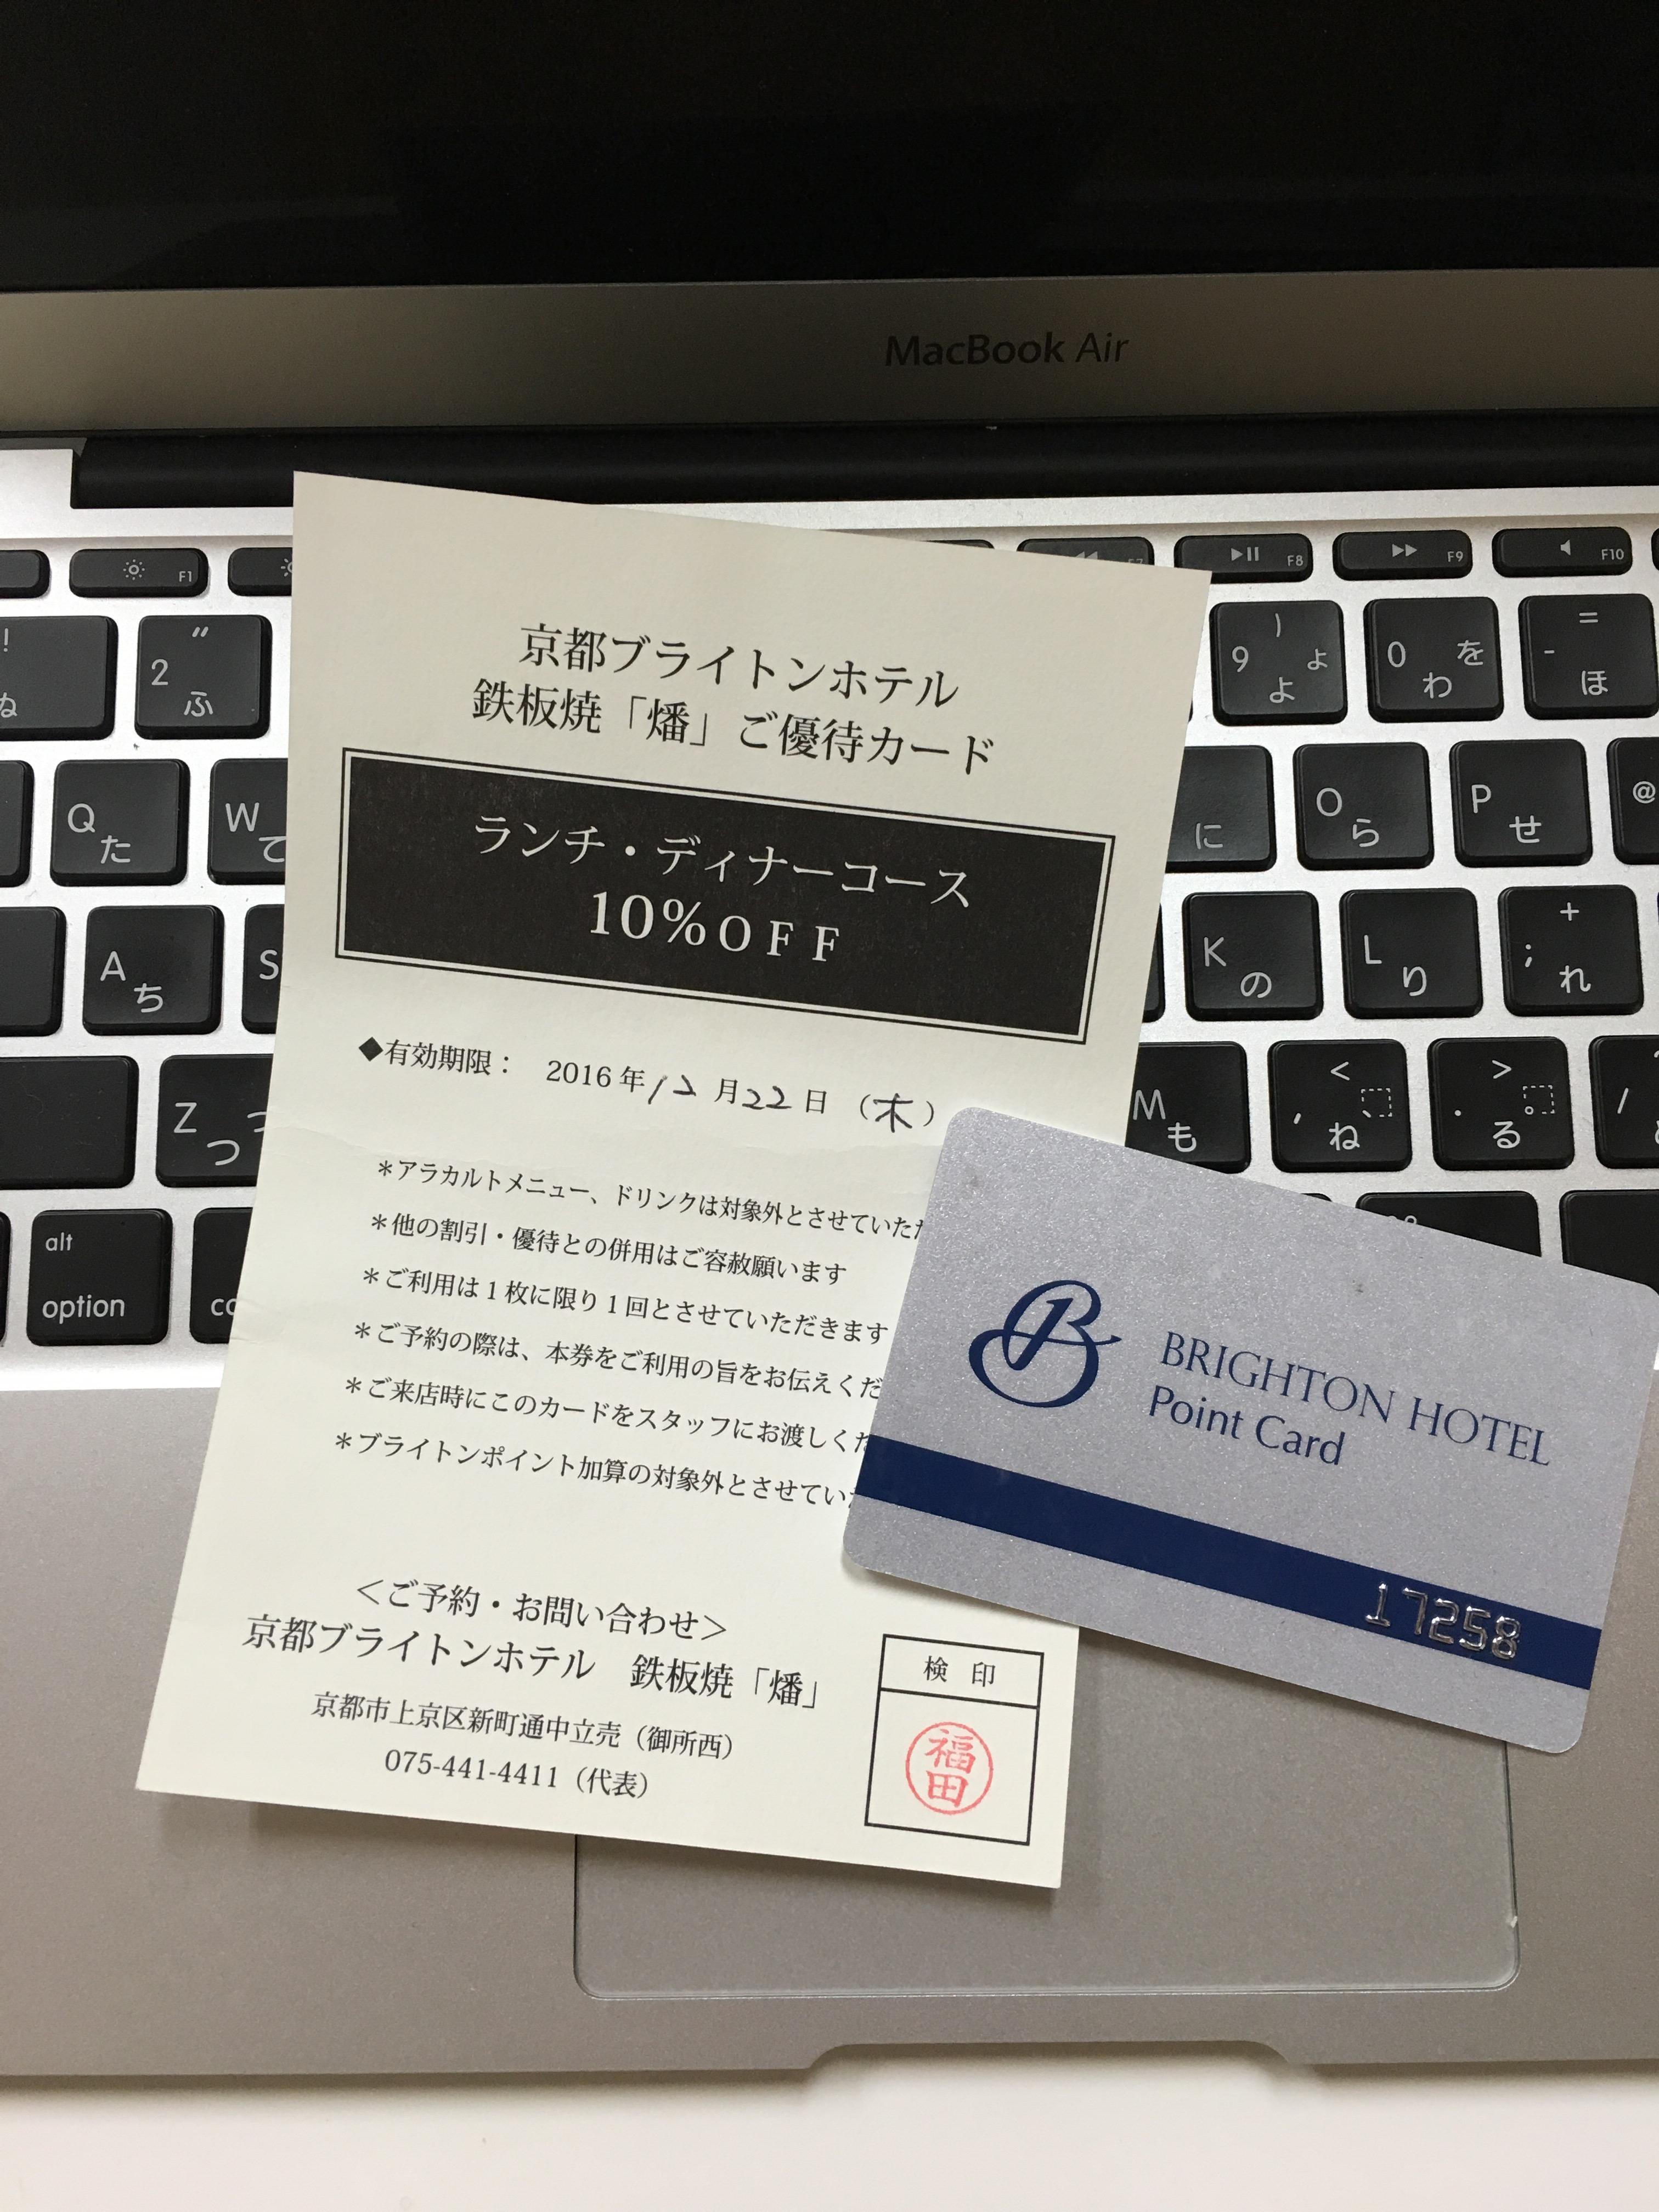 京都ブライトンホテルの鉄板焼きを10%で食べる方法